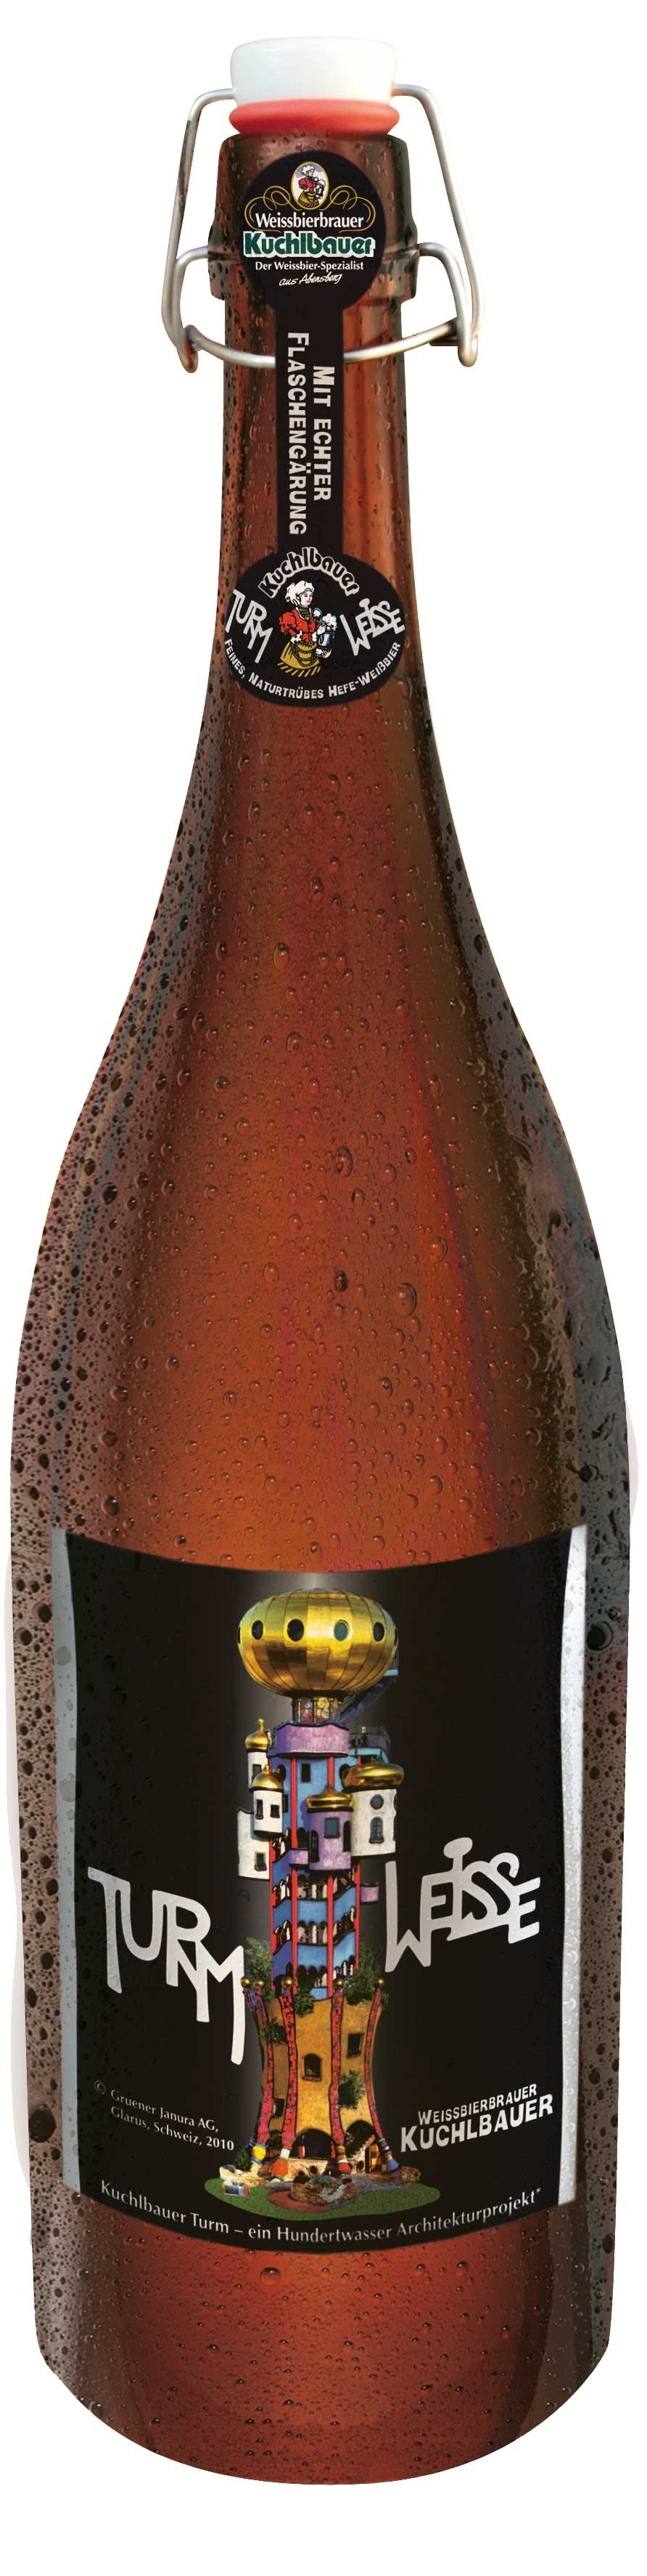 Kuchlbauer - Turmweisse 3l Magnum Flasche